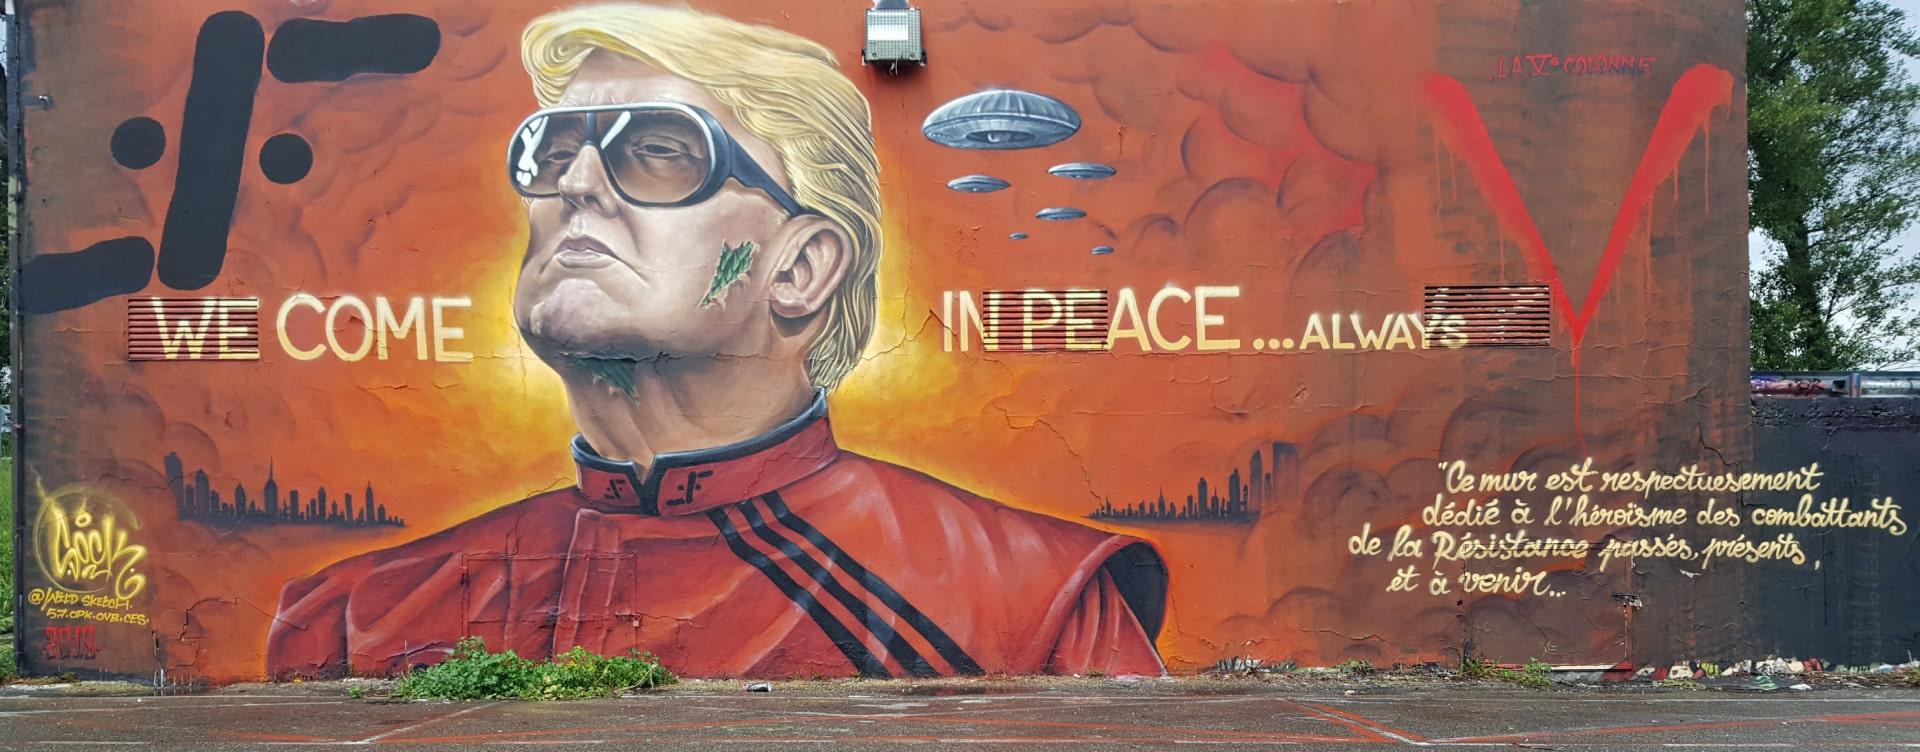 French V Mural Hi-Res